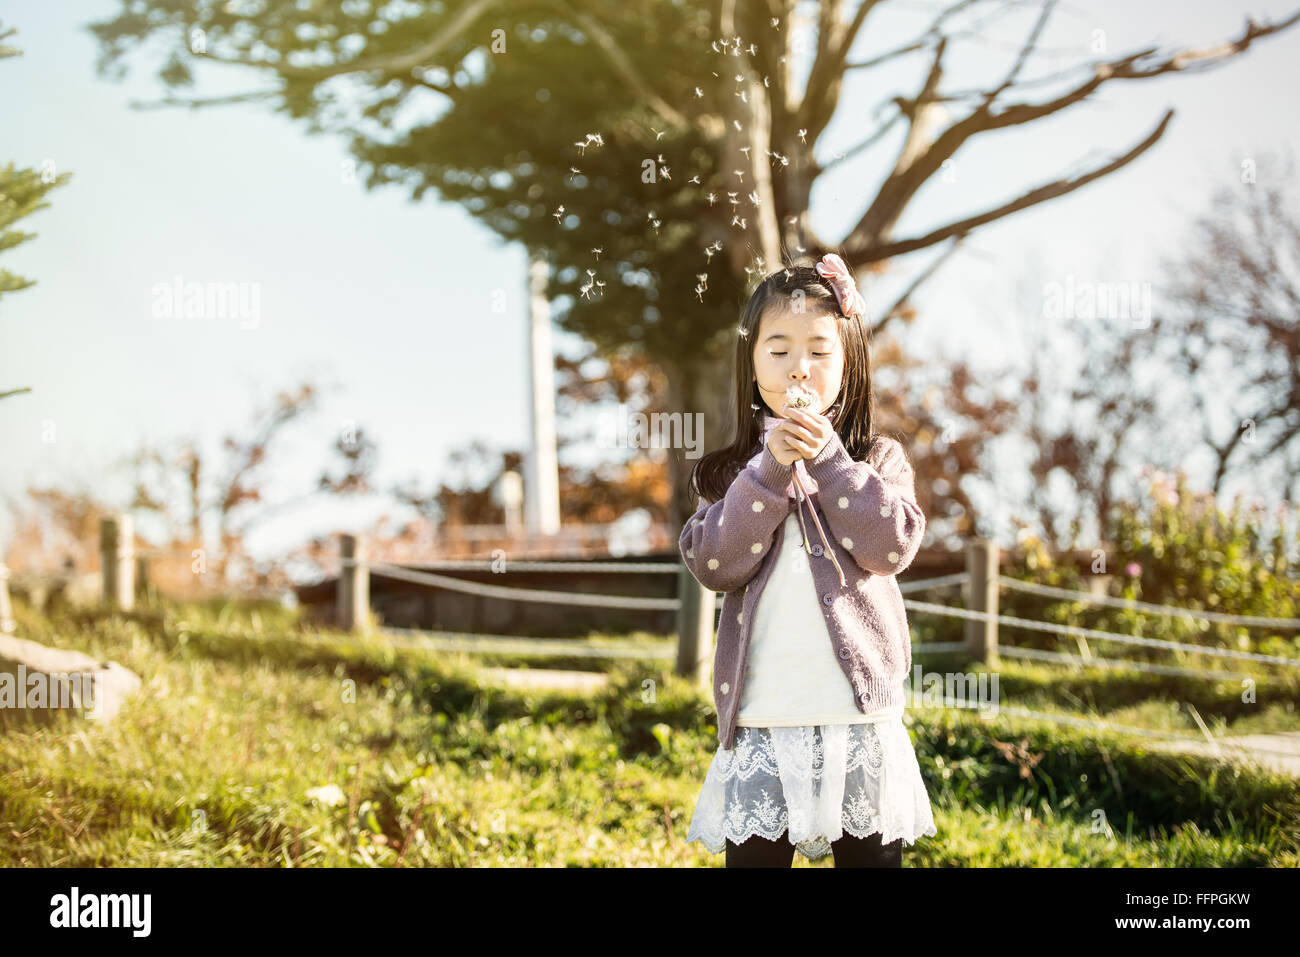 L'Asia, il bambino soffia un dente di leone in un parco. Immagini Stock